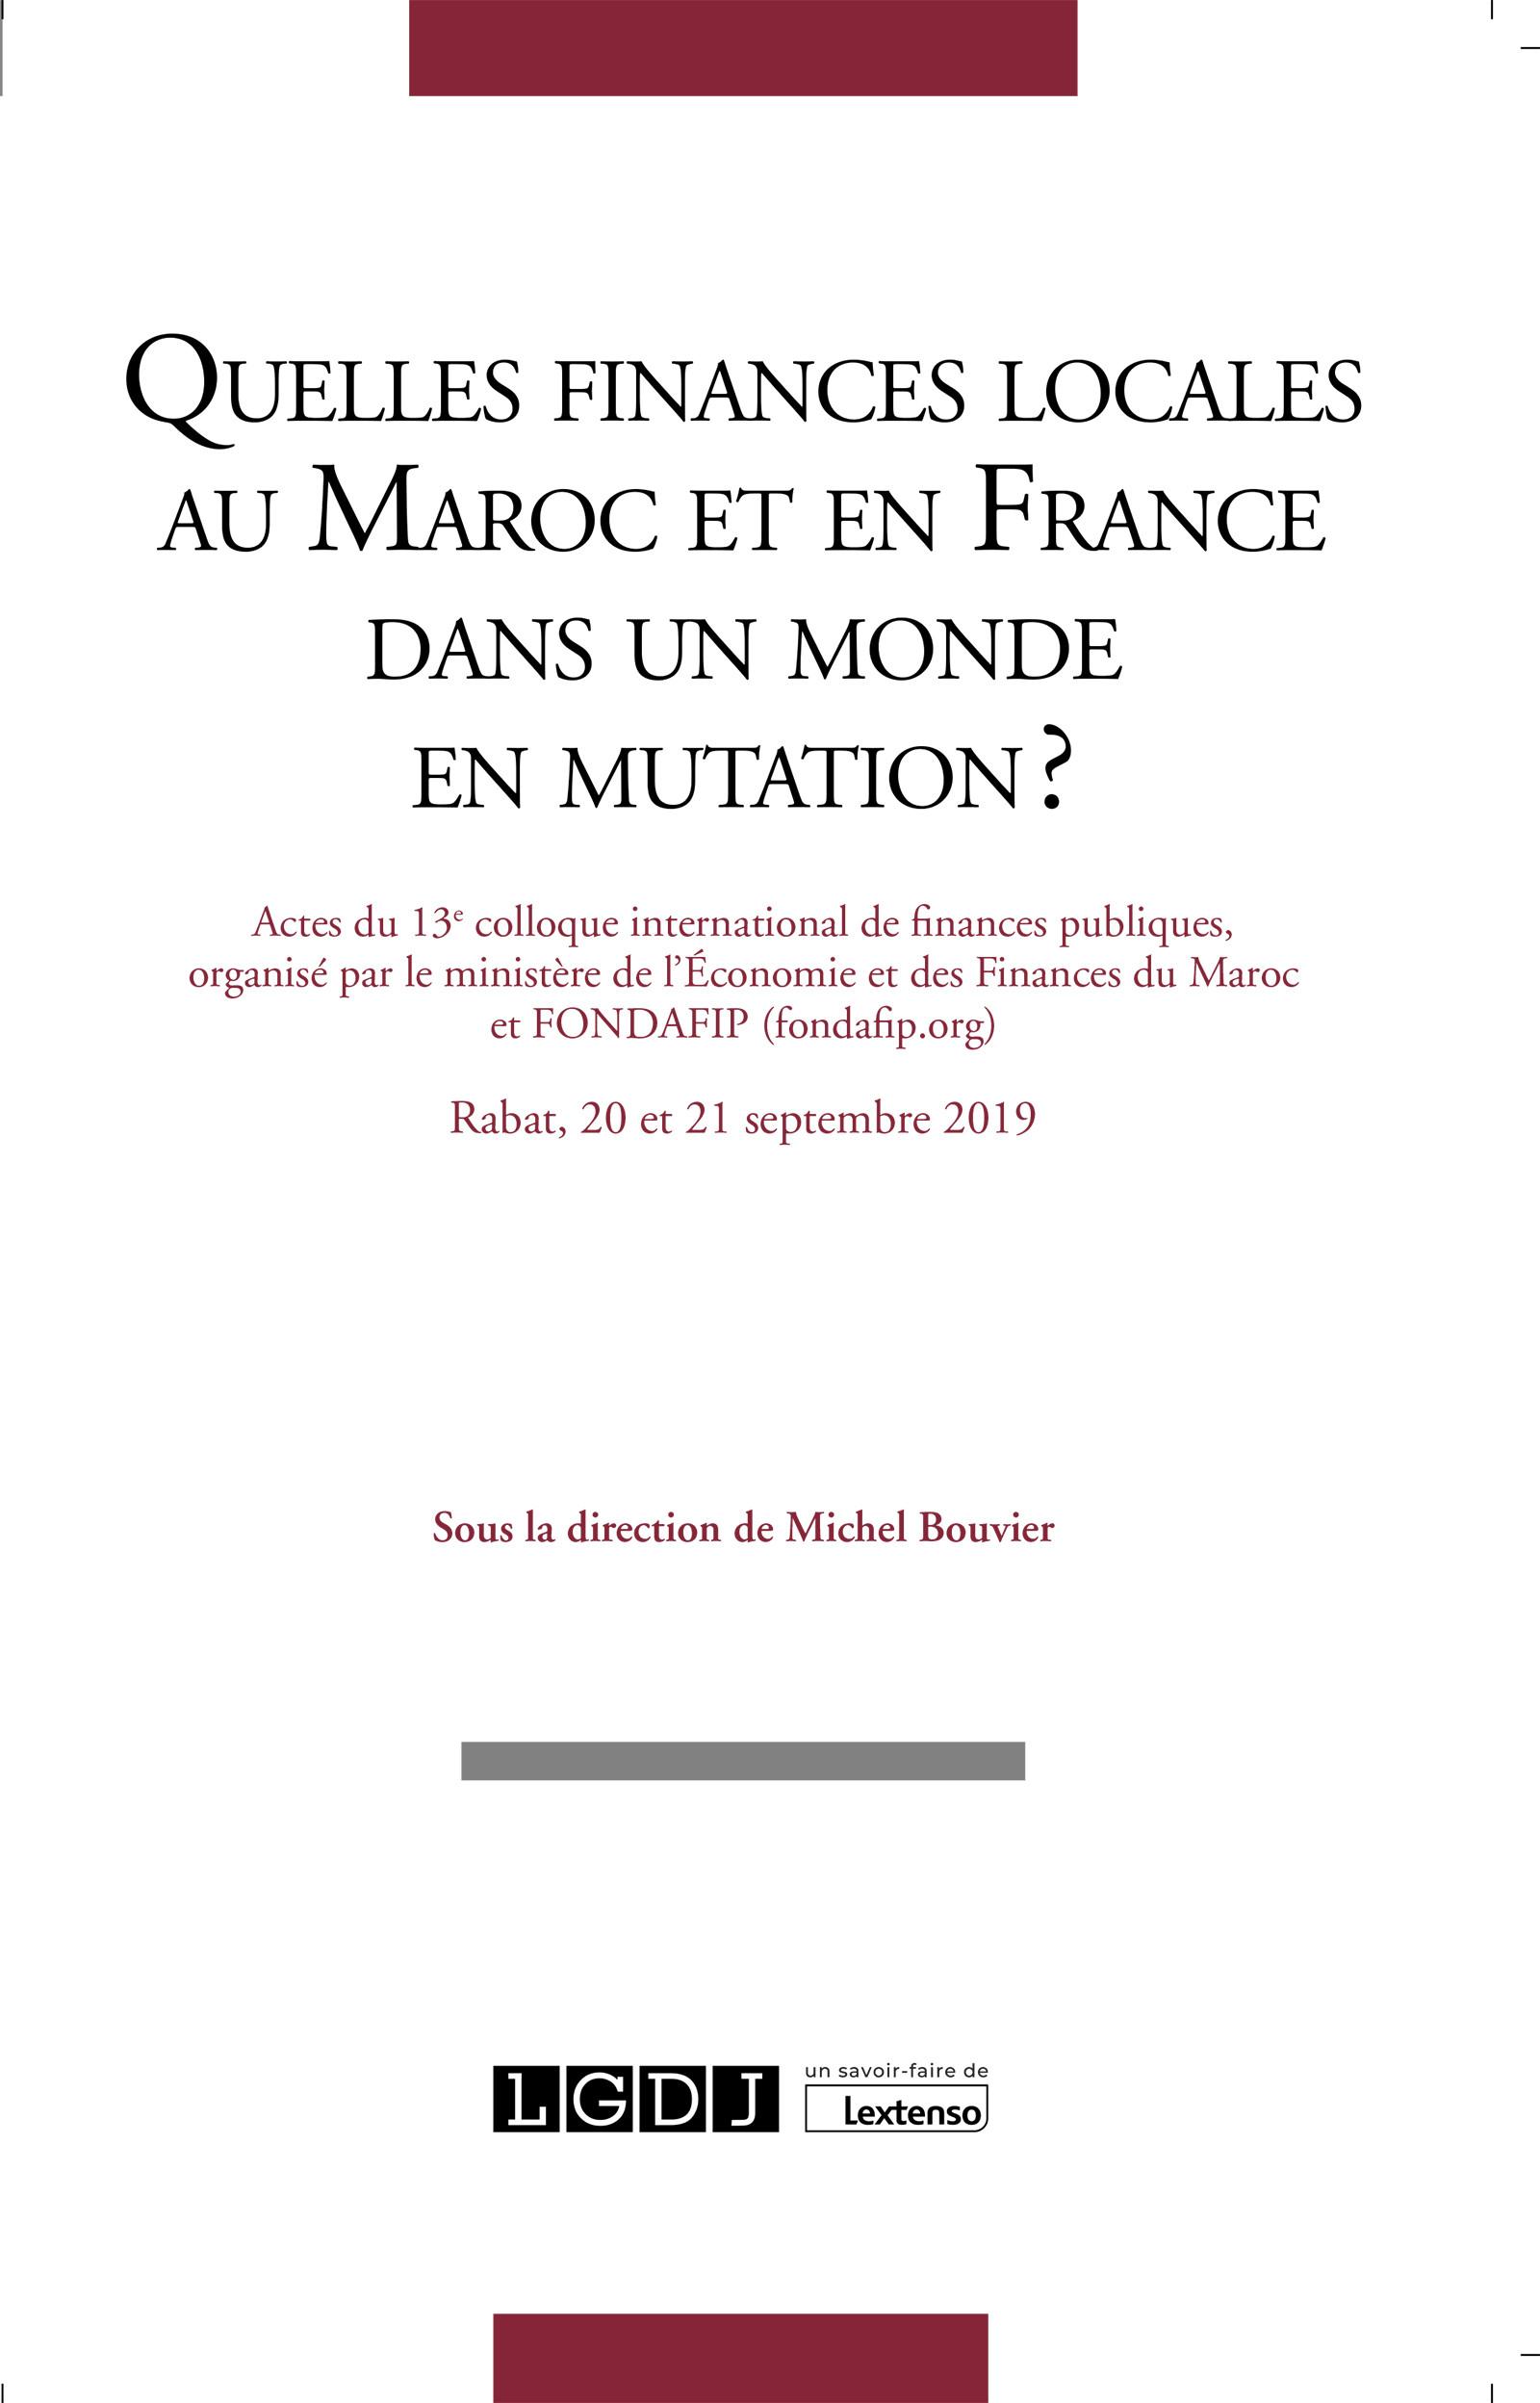 Quelles finances locales au Maroc et en France dans un monde en mutation ?